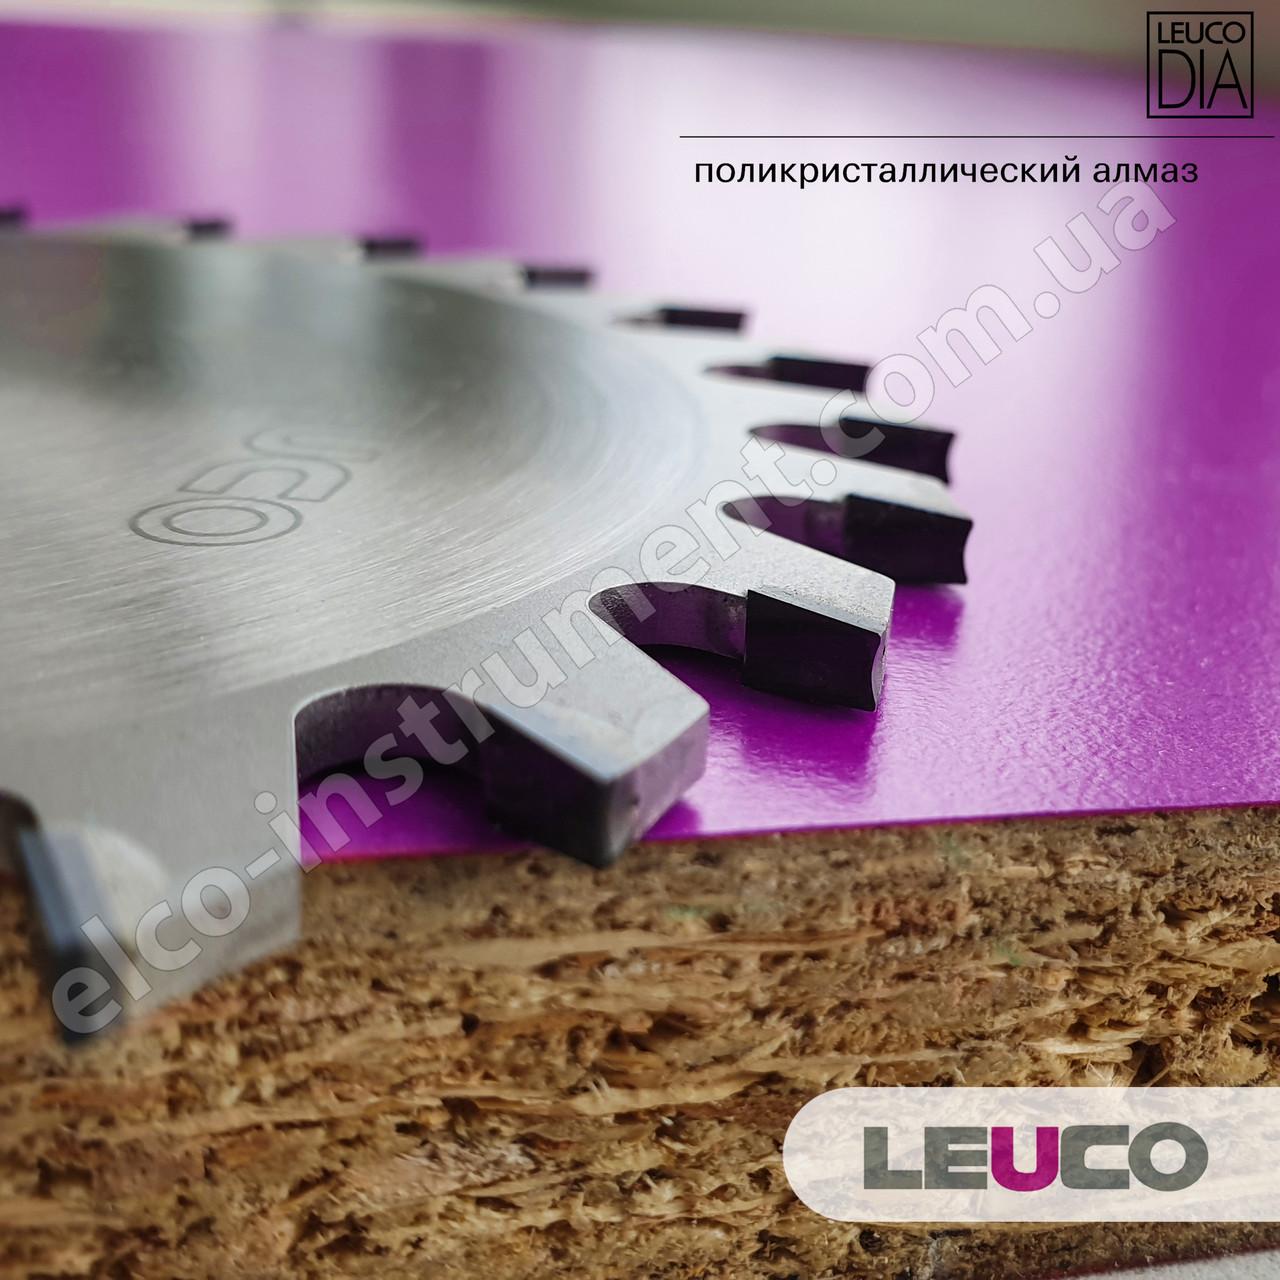 Алмазная однокорпусная подрезная дисковая пила Leuco для форматно-раскроечных станков, 120x3,0-3,8x20, Z=24